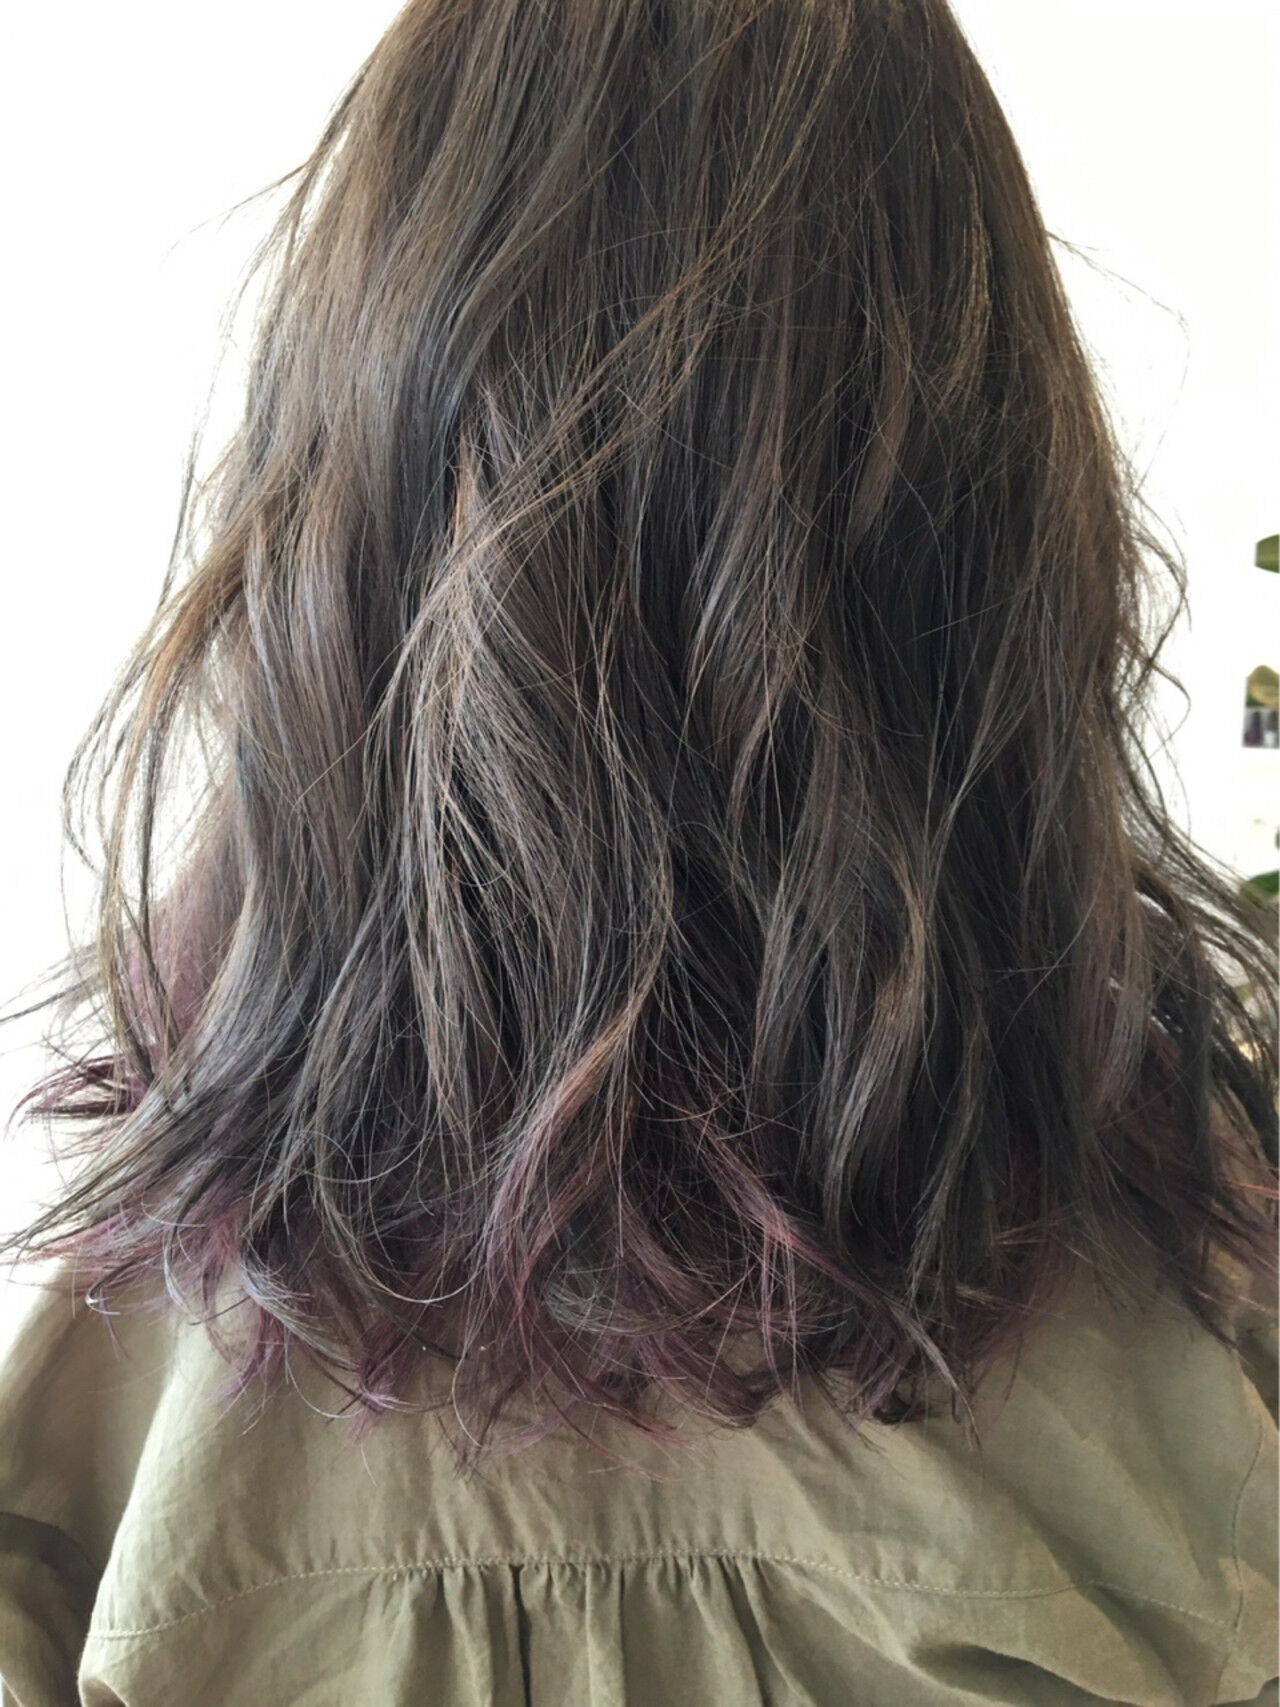 モード パープル セミロング ピンクアッシュヘアスタイルや髪型の写真・画像